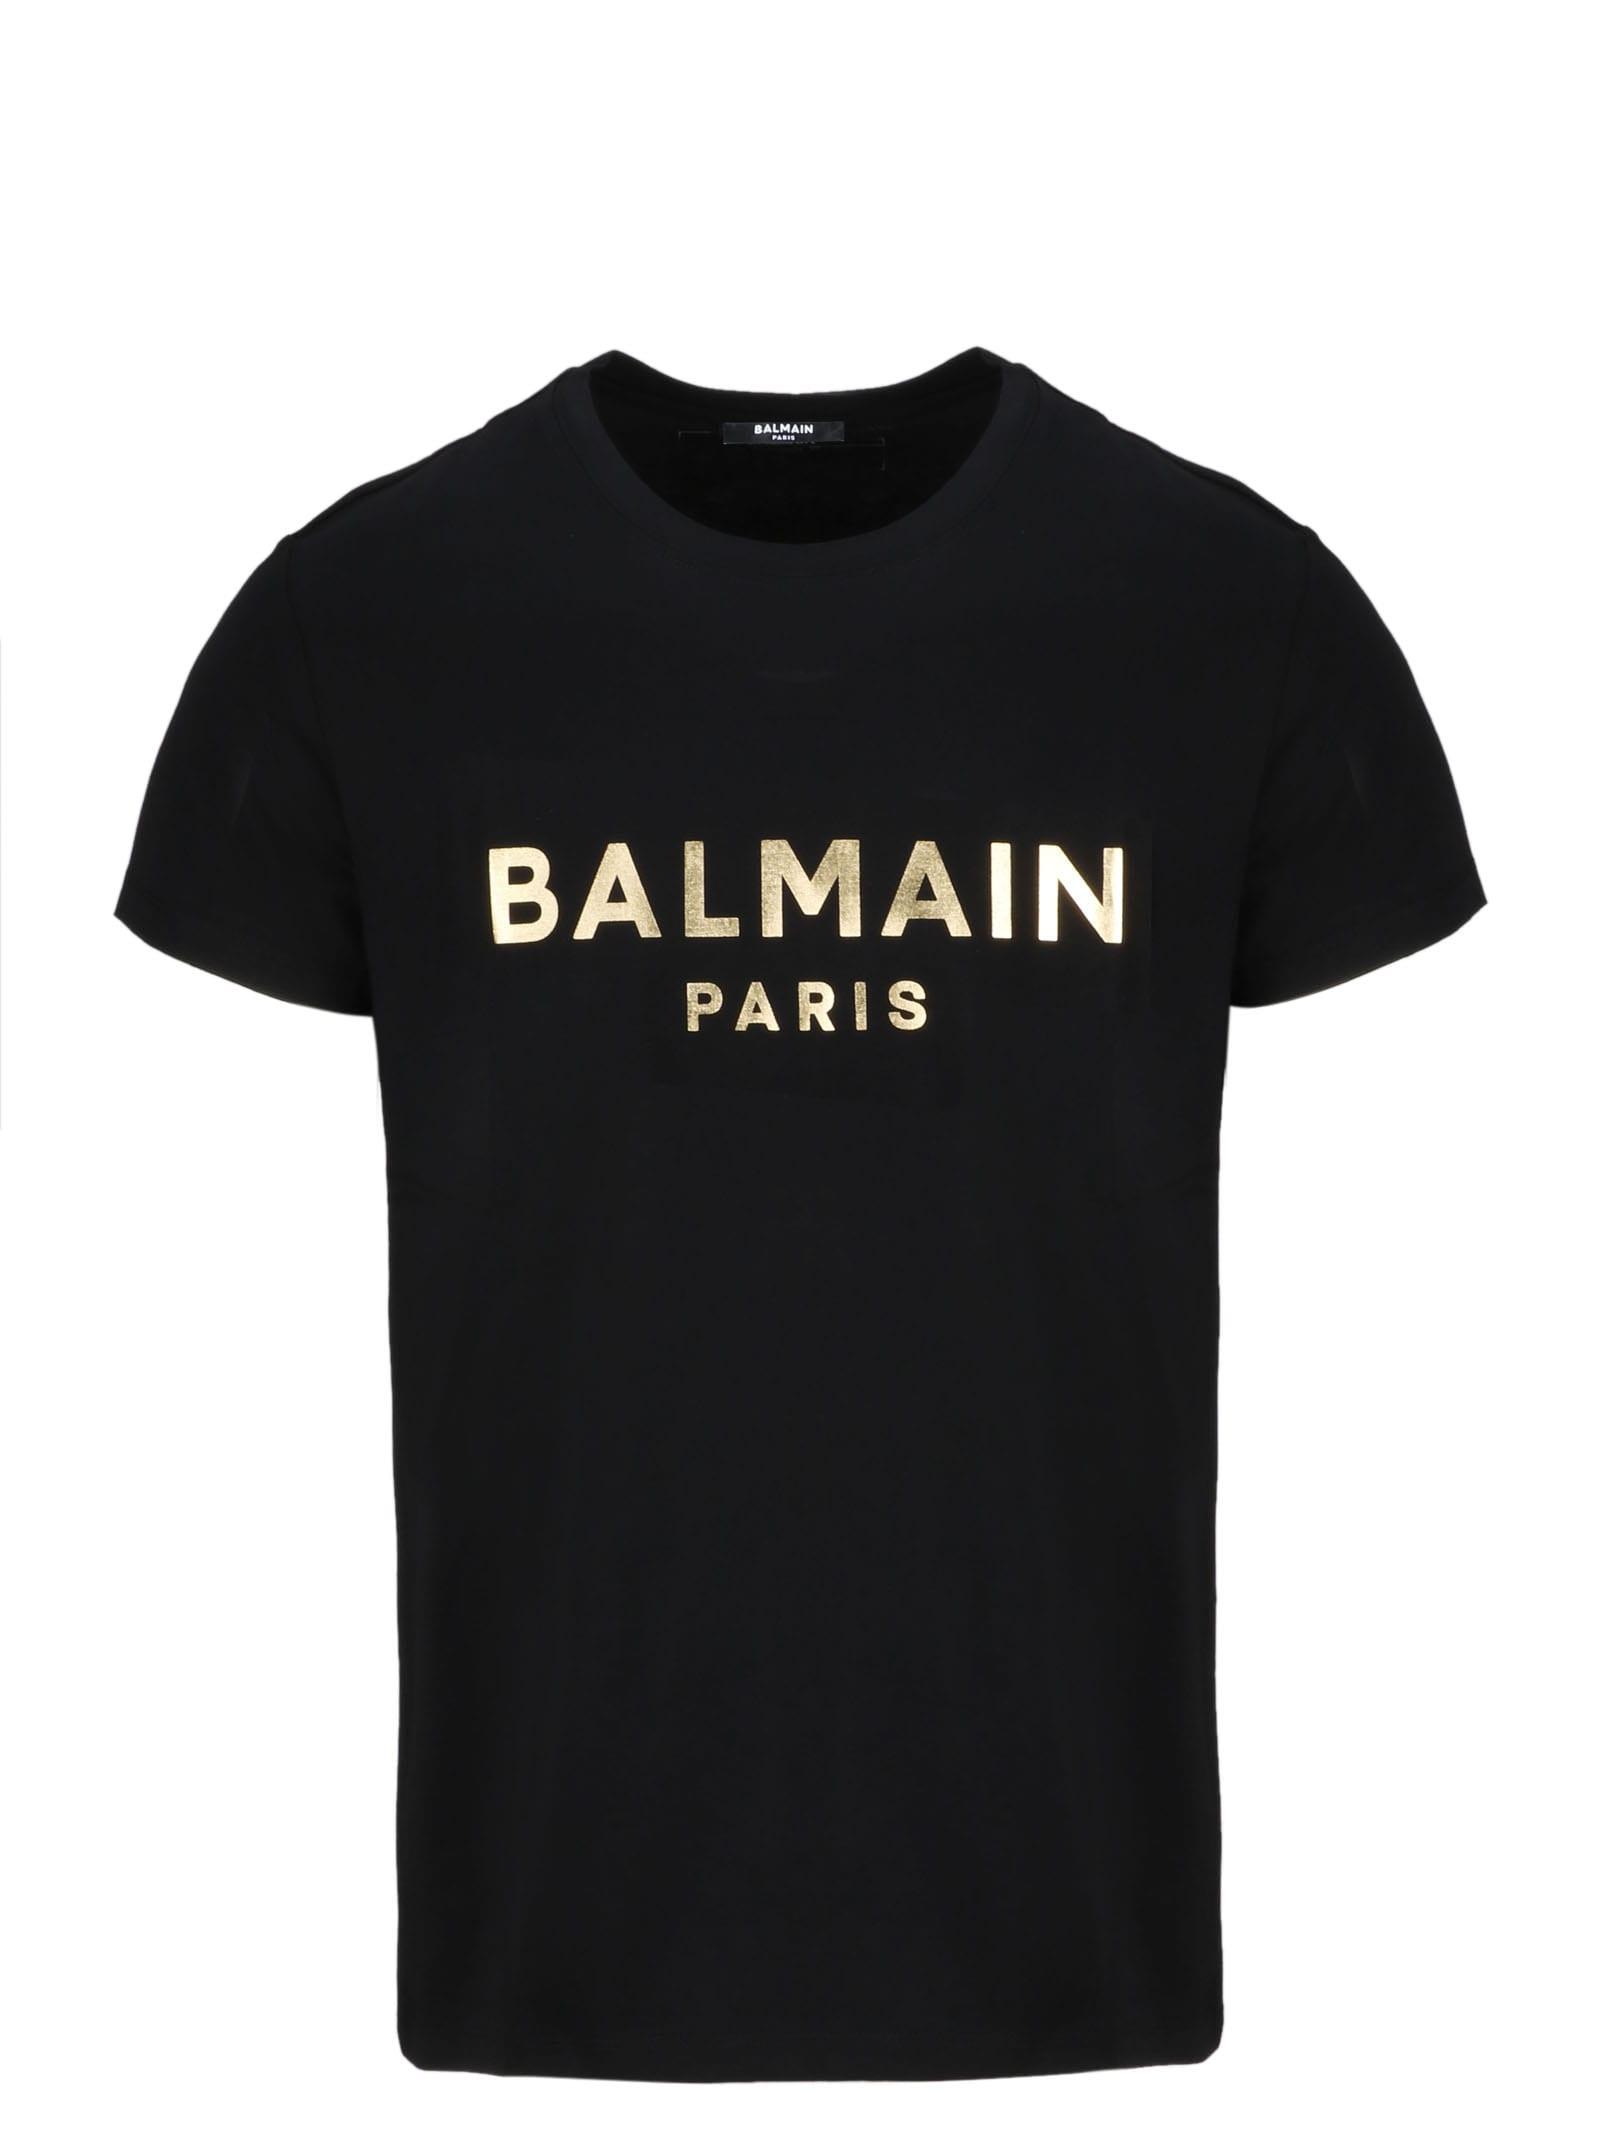 Balmain GOLD FOIL T-SHIRT